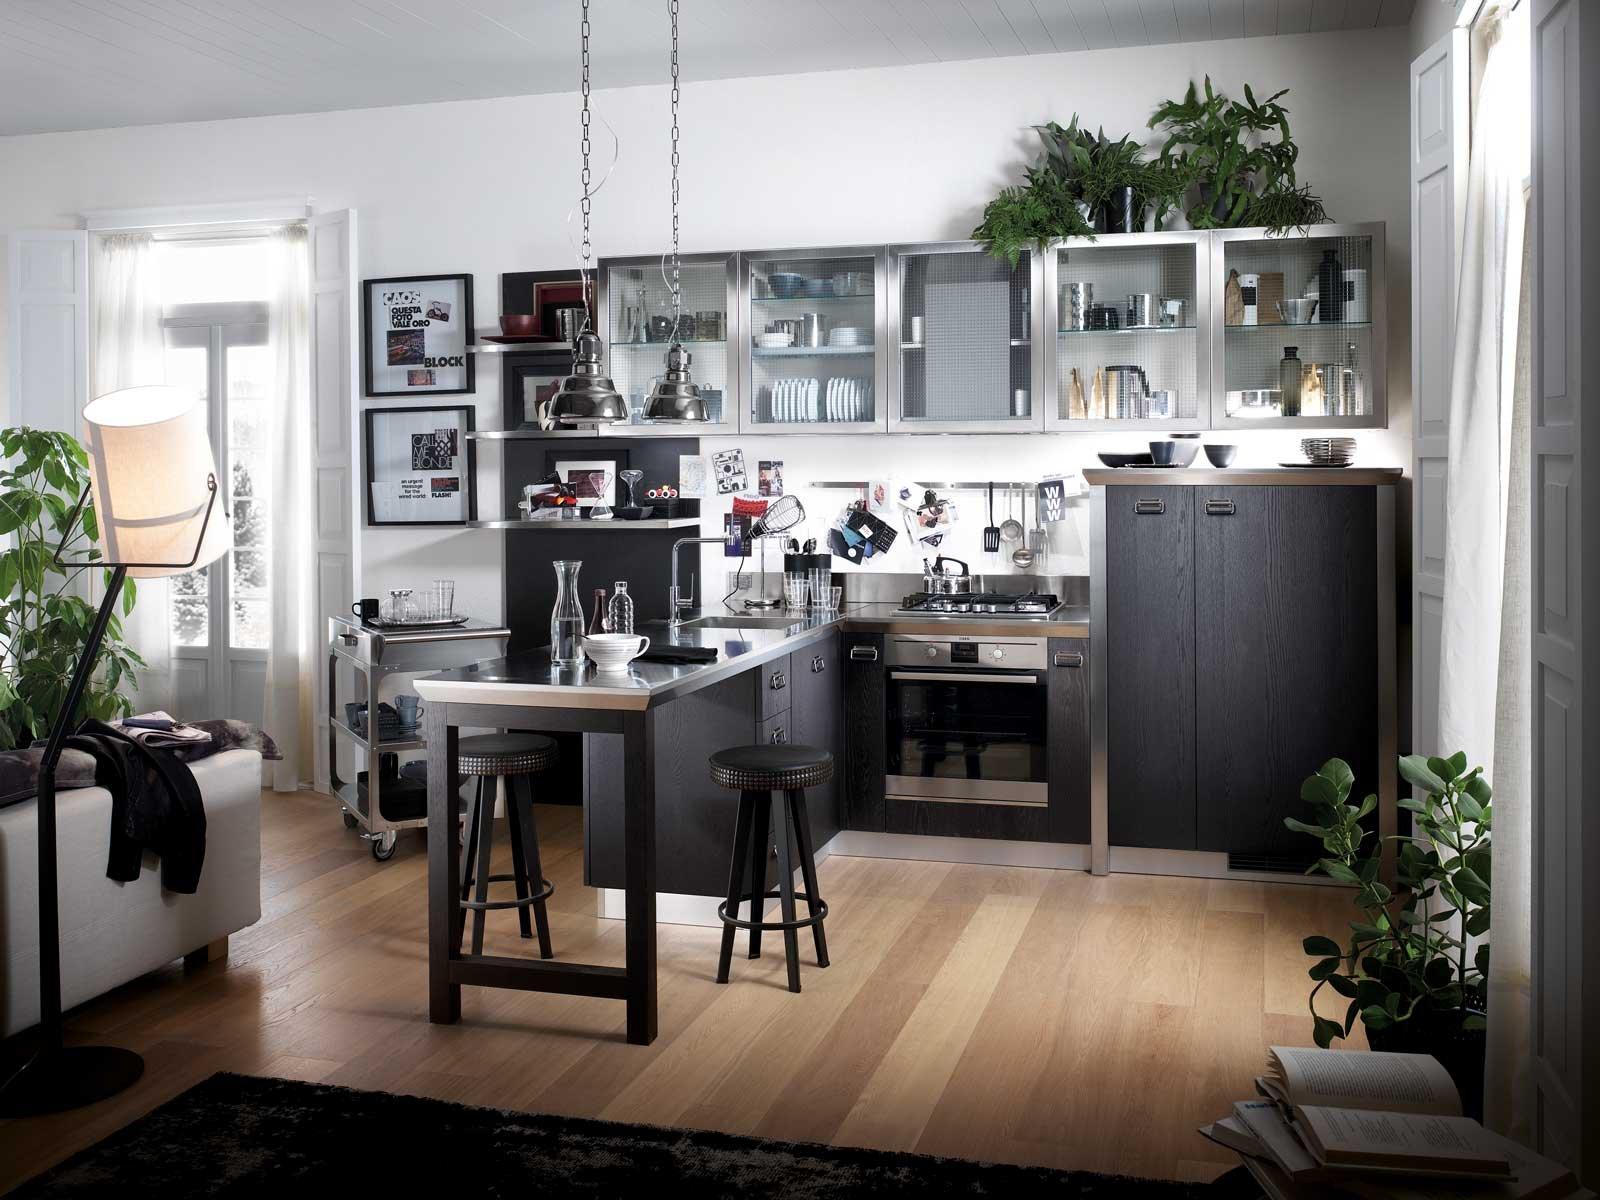 diesel social kitchen di scavolini una cucina ad angolo con penisola aperta sul living